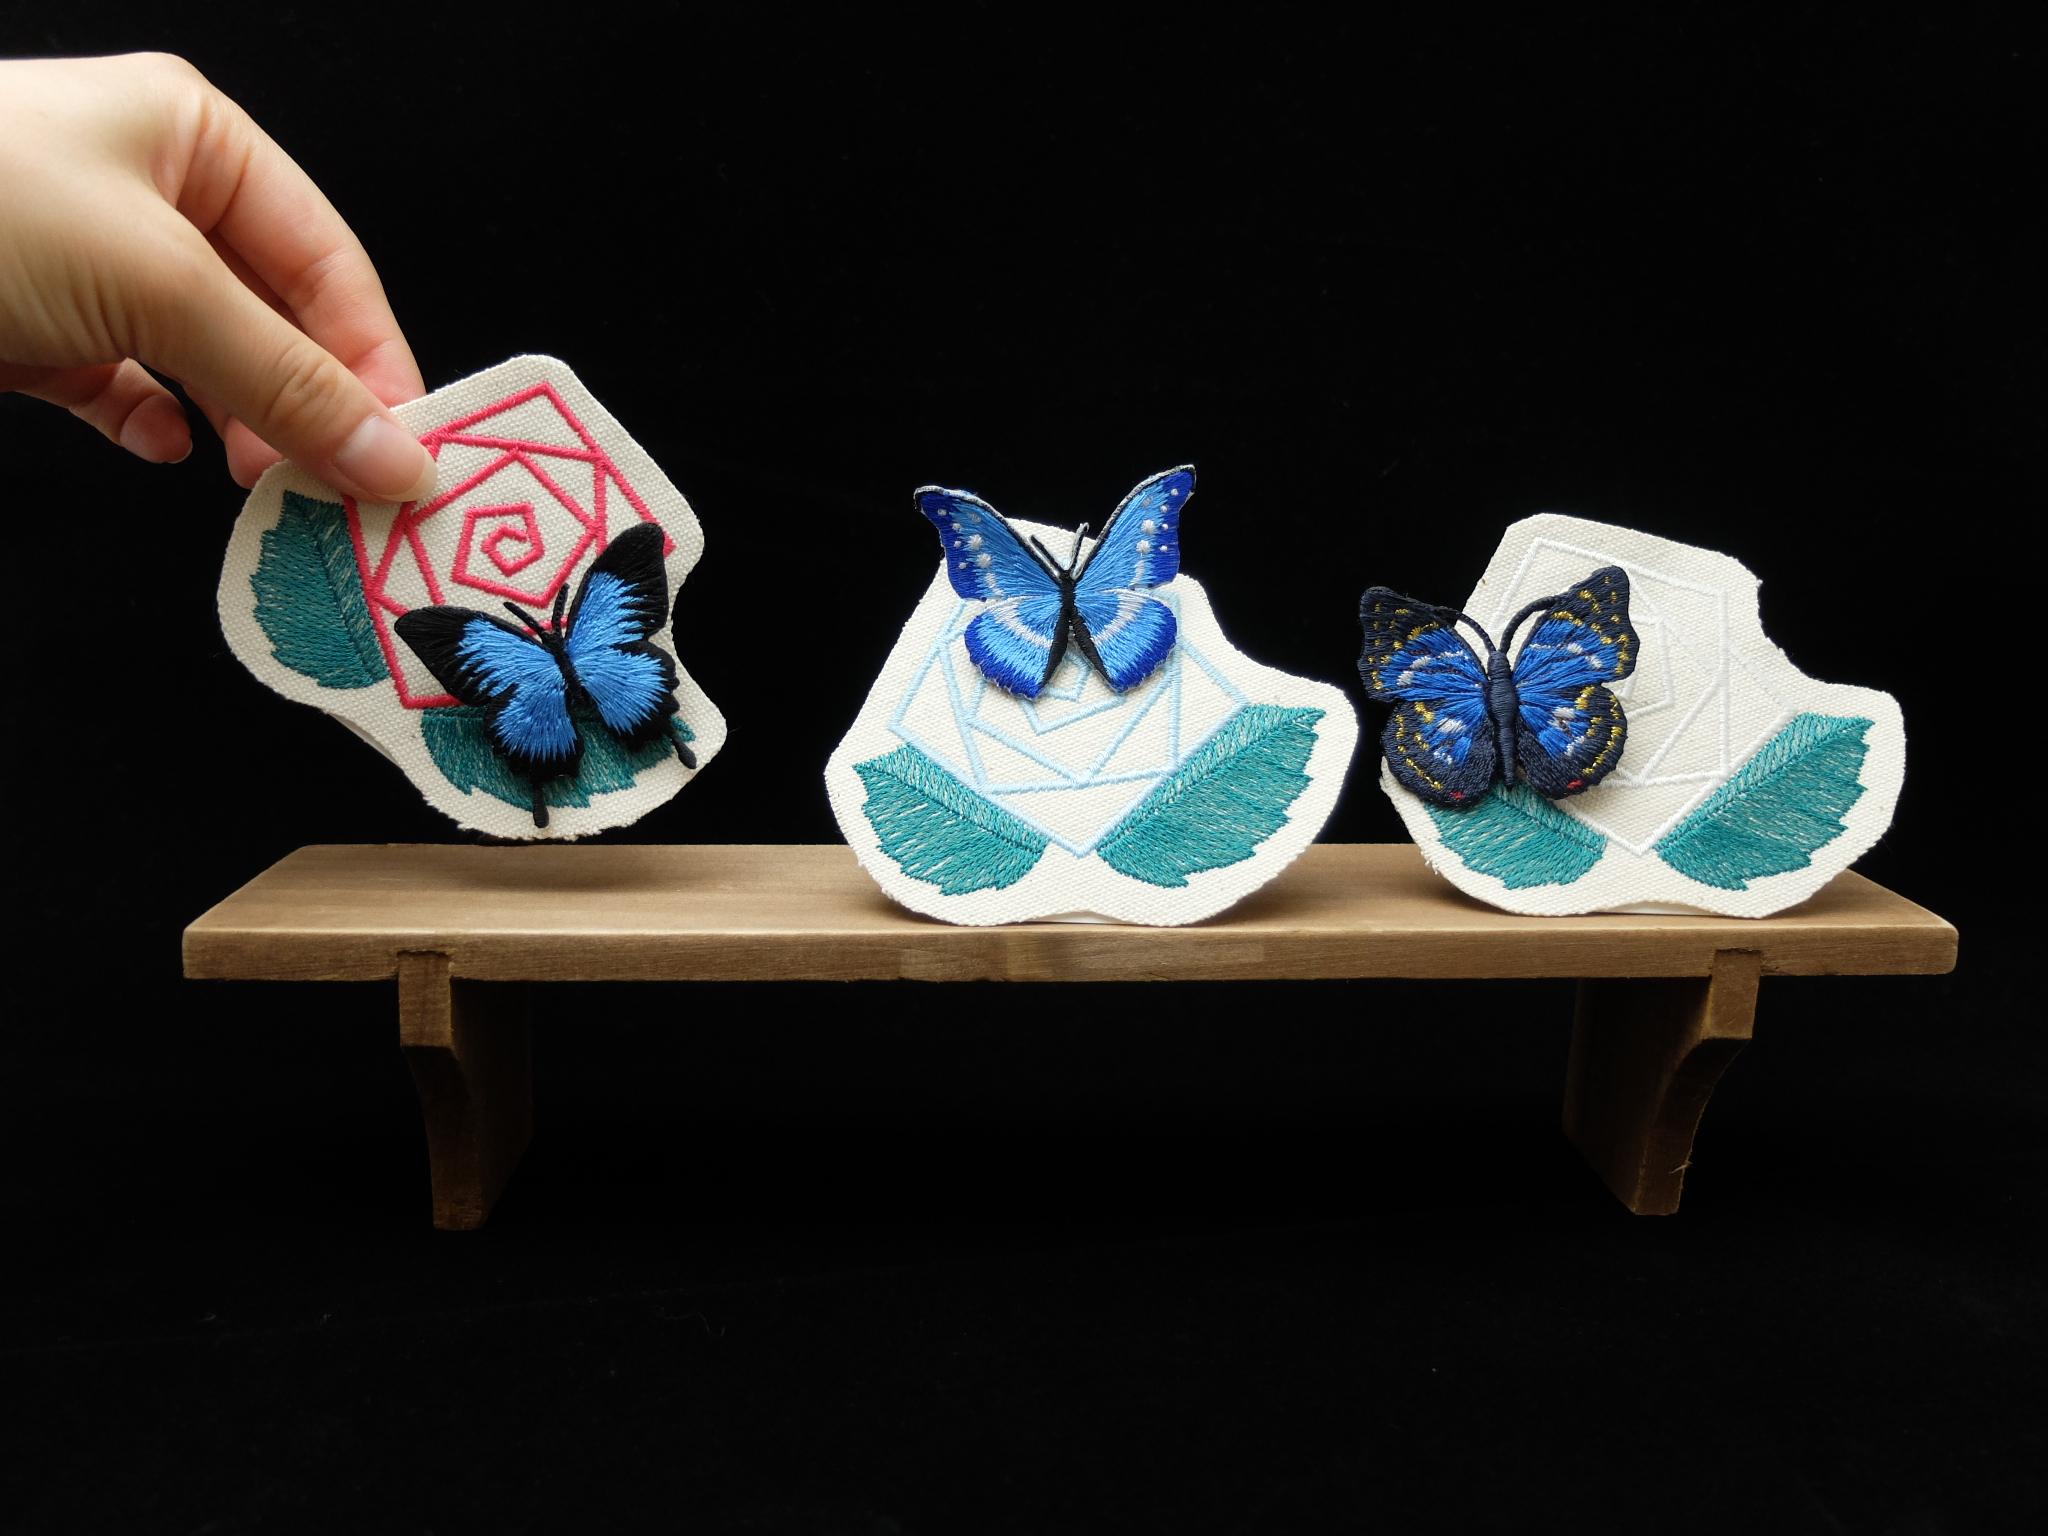 青い蝶 刺繍ブローチ 刺繍アクセサリー オオムラサキ オオルリアゲハ ヘレナモルフォ